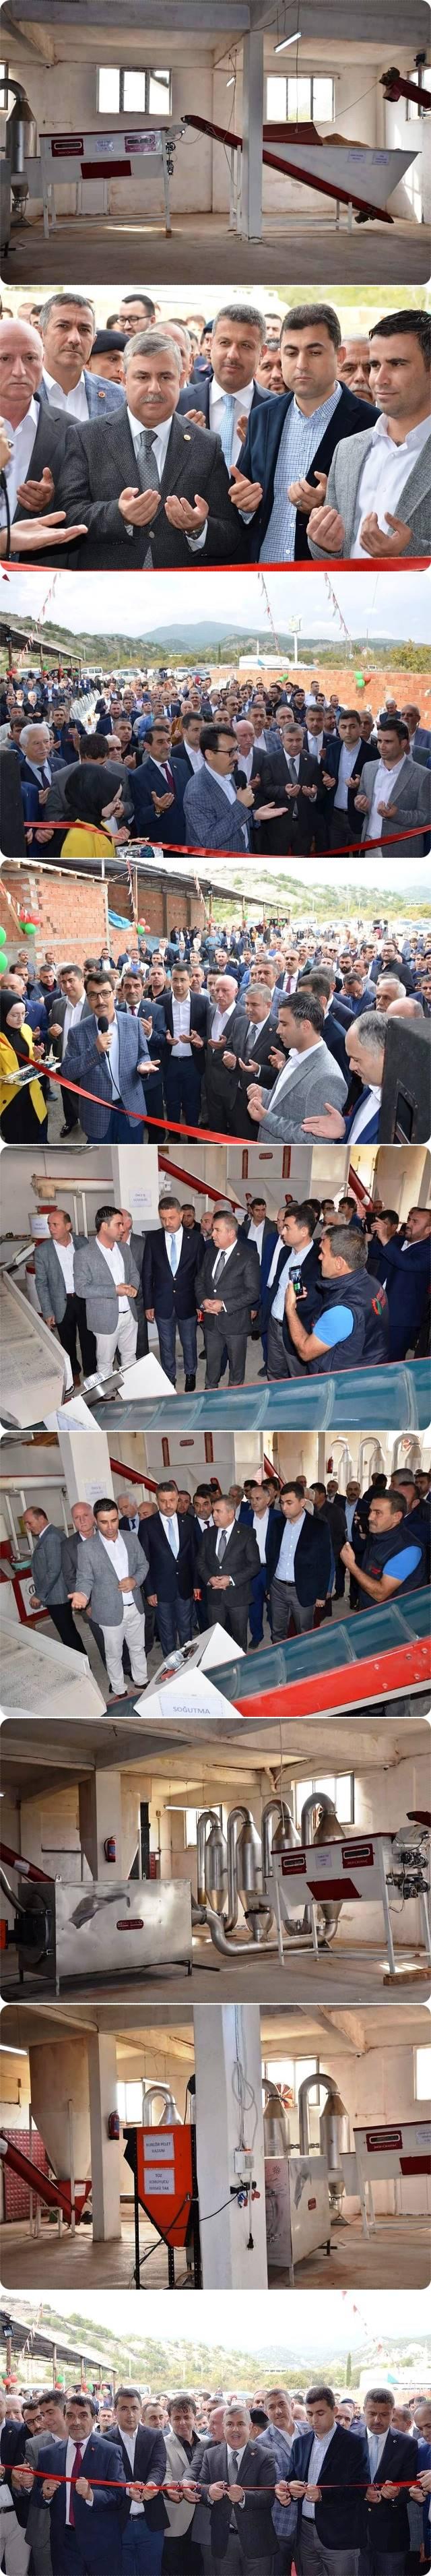 Dün (19.10.2019.Cumartesi) Durağan İlçesinde ENERSAN PELET Fabrikası Dualarla Açıldı.